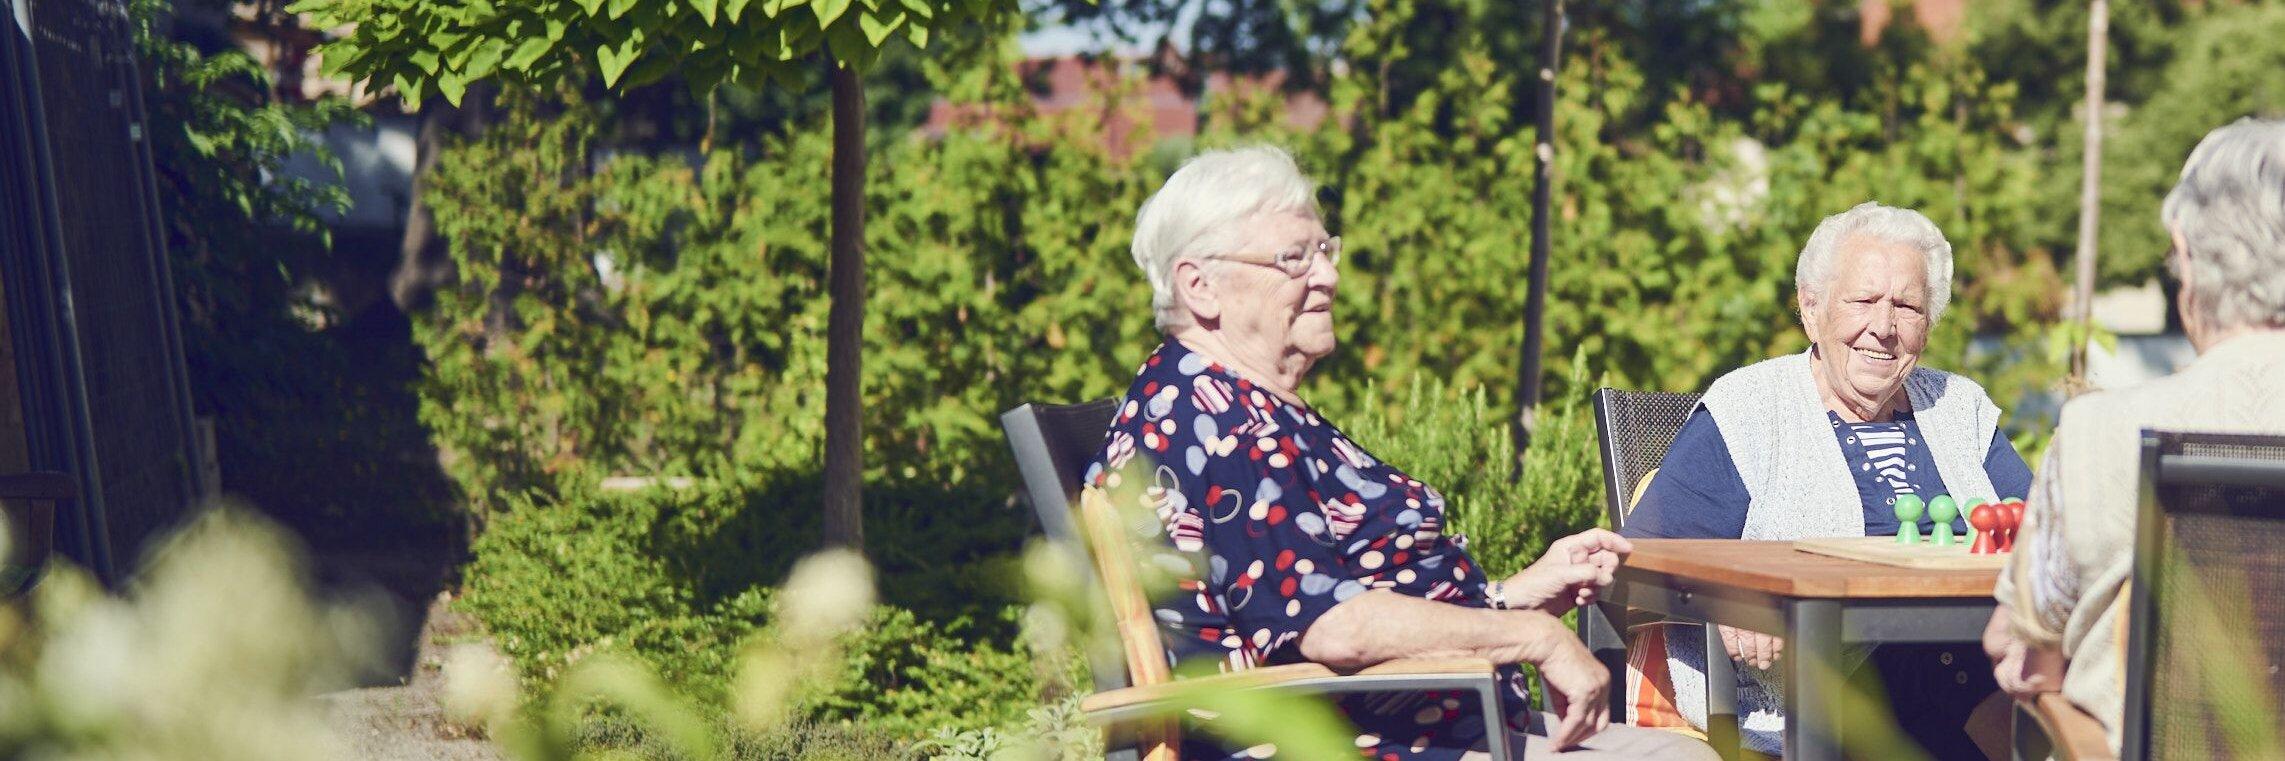 Bewohnende sitzen im Garten des Johanniterhauses Nebra